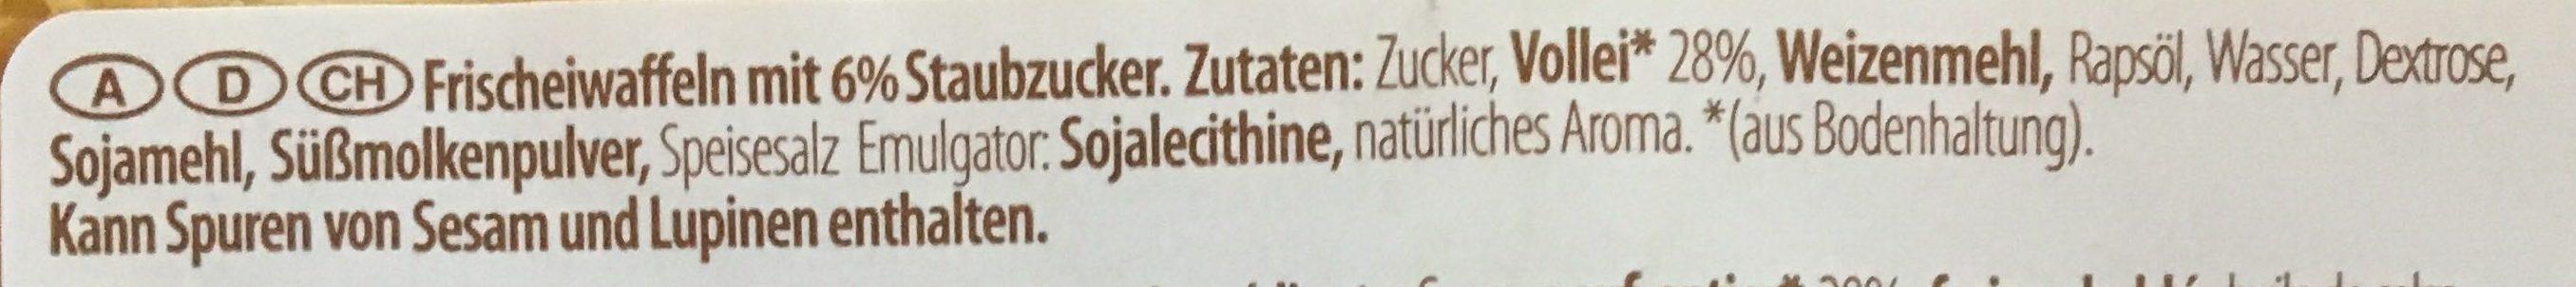 Frischeiwaffen - Ingredients